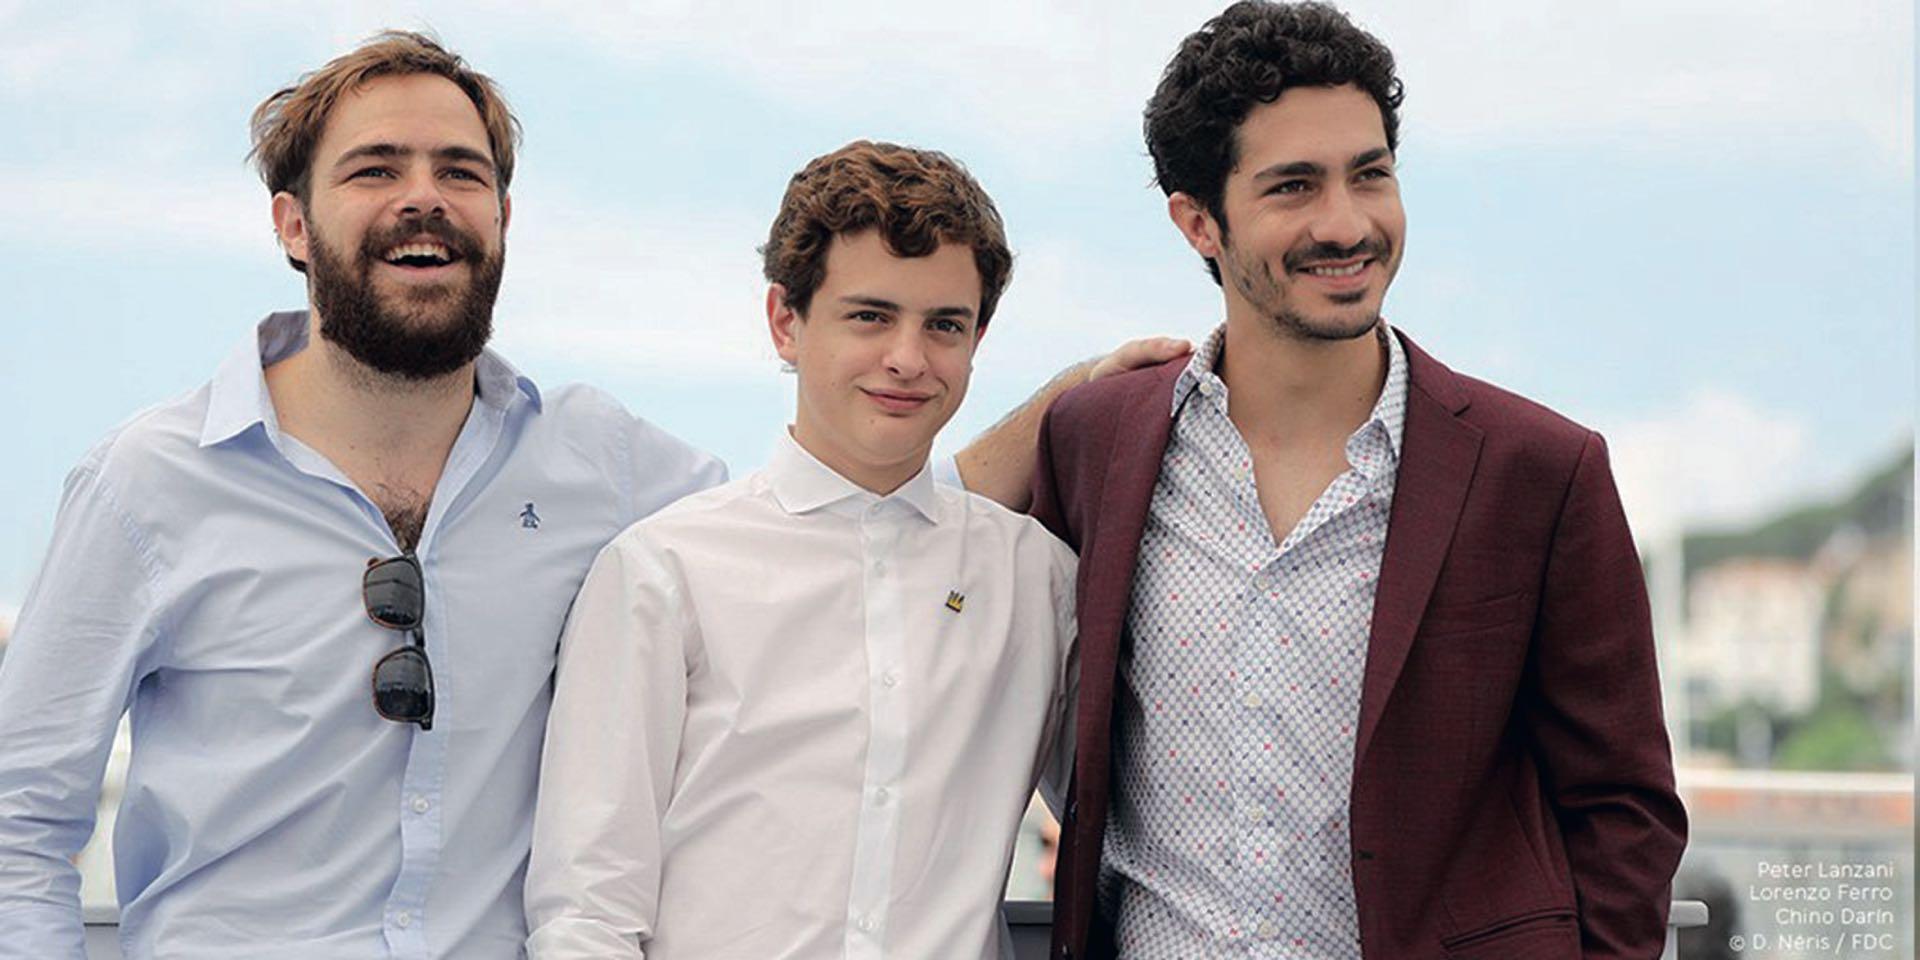 Los más jóvenes, inseparables: Lanzani, Ferro y el Chino.